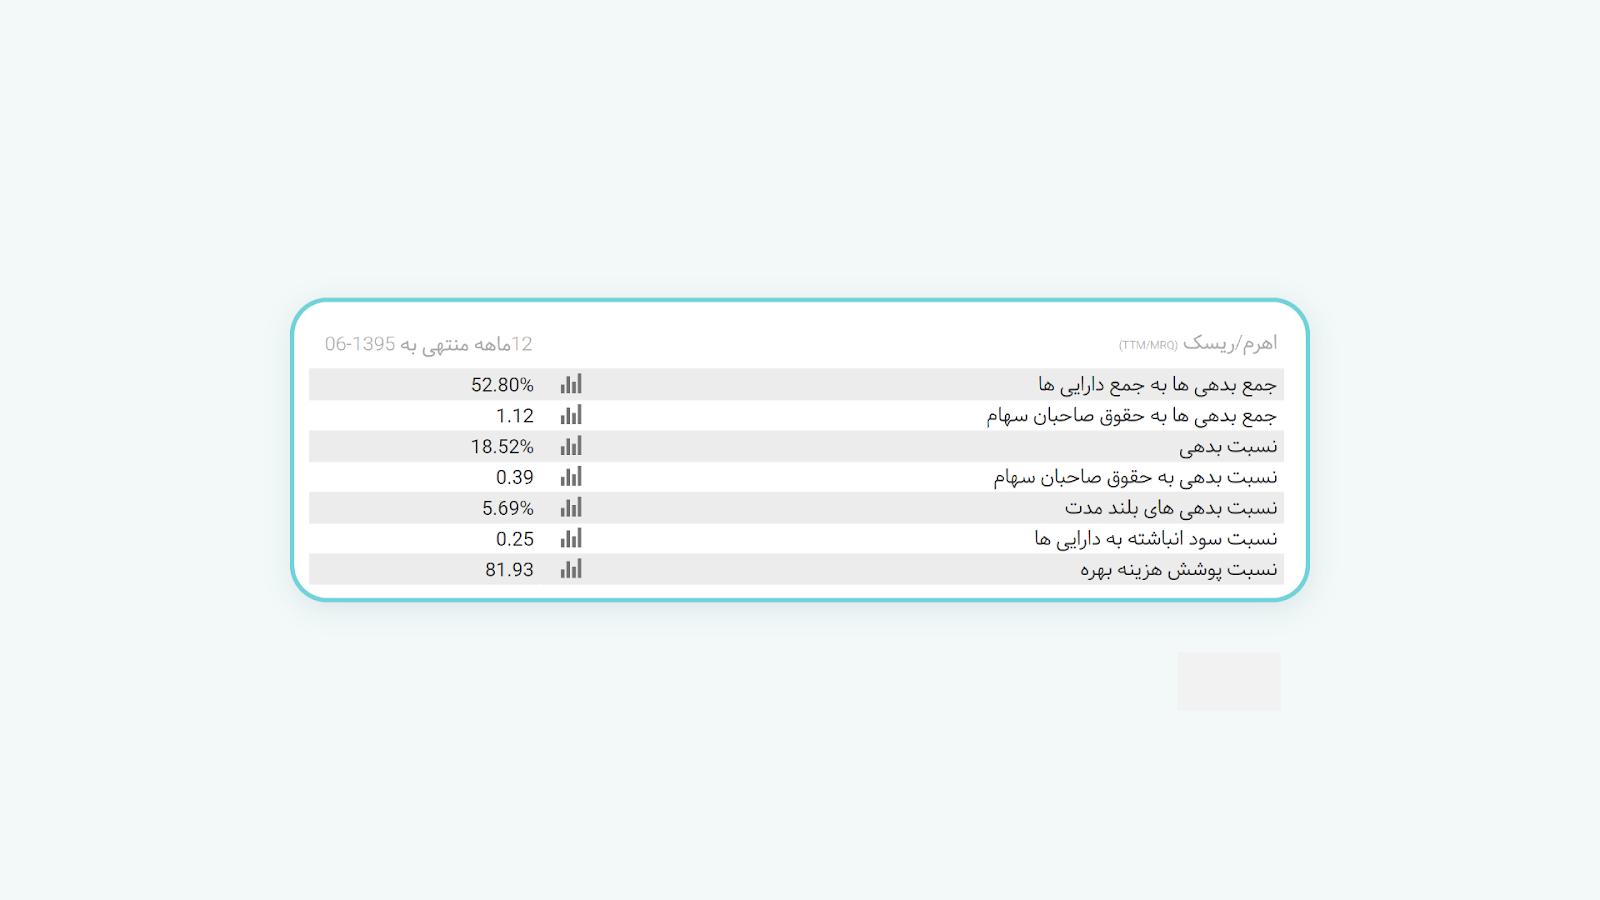 نسبتهای اهرم/ریسک: